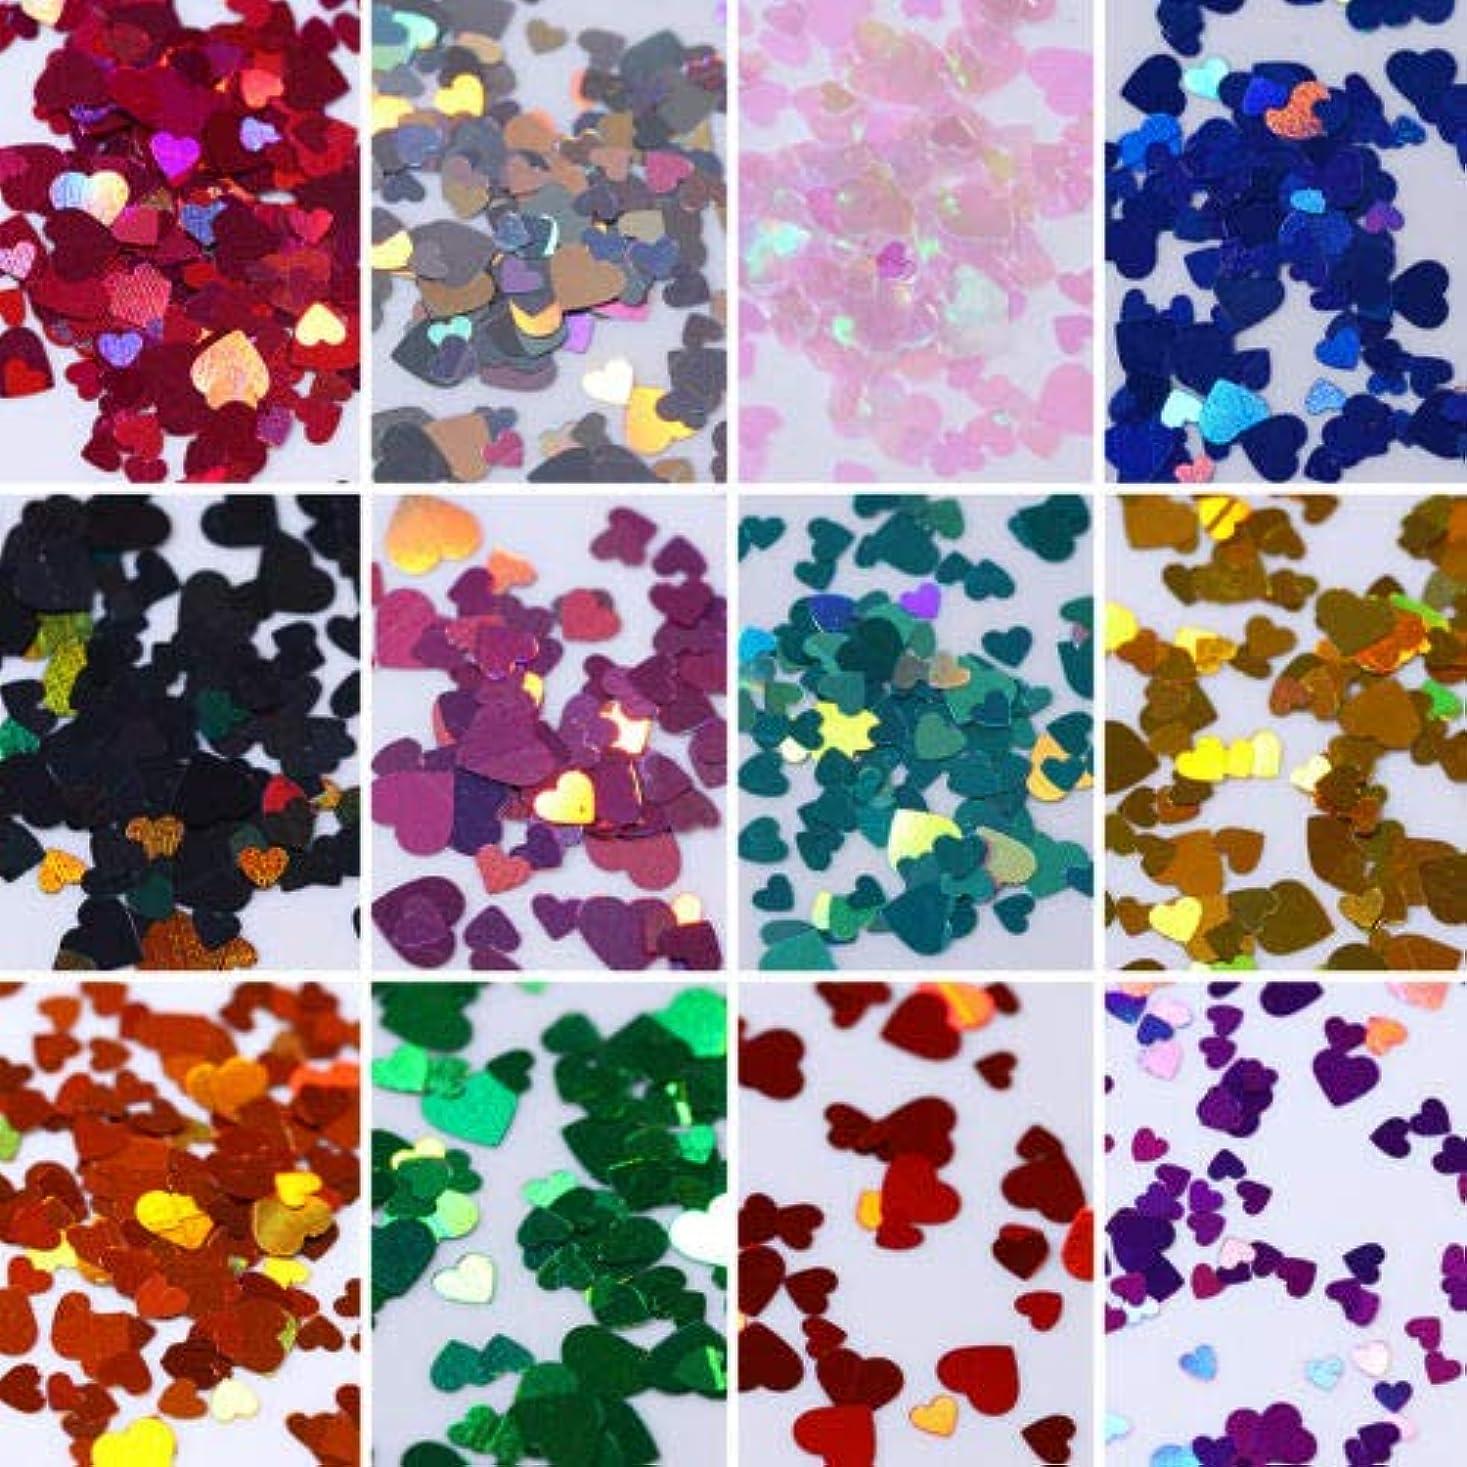 ヶ月目に向かってバストFidgetGear 12箱カラフルなホログラフィックネイルアートグリッタースパンコール虹色のハートフレーク